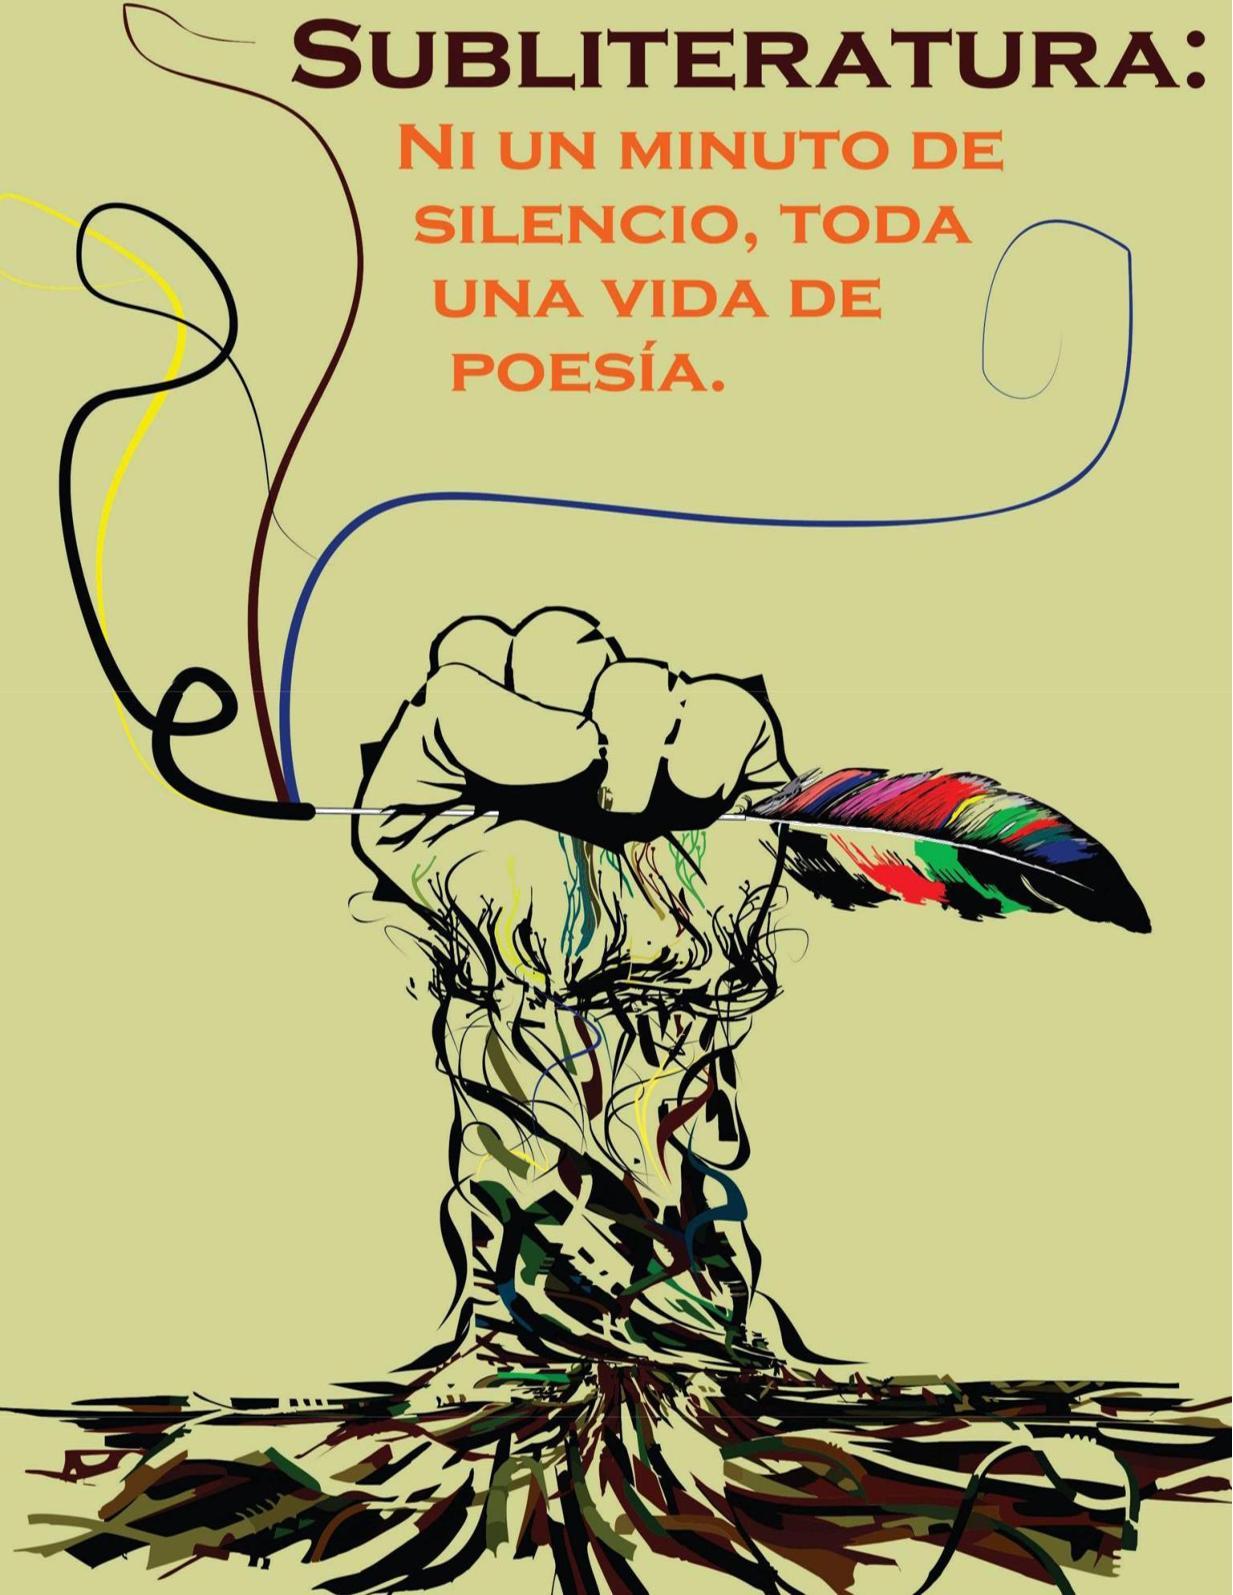 Calaméo - SubLiteratura: Ni un minuto de silencio, toda una vida de ...